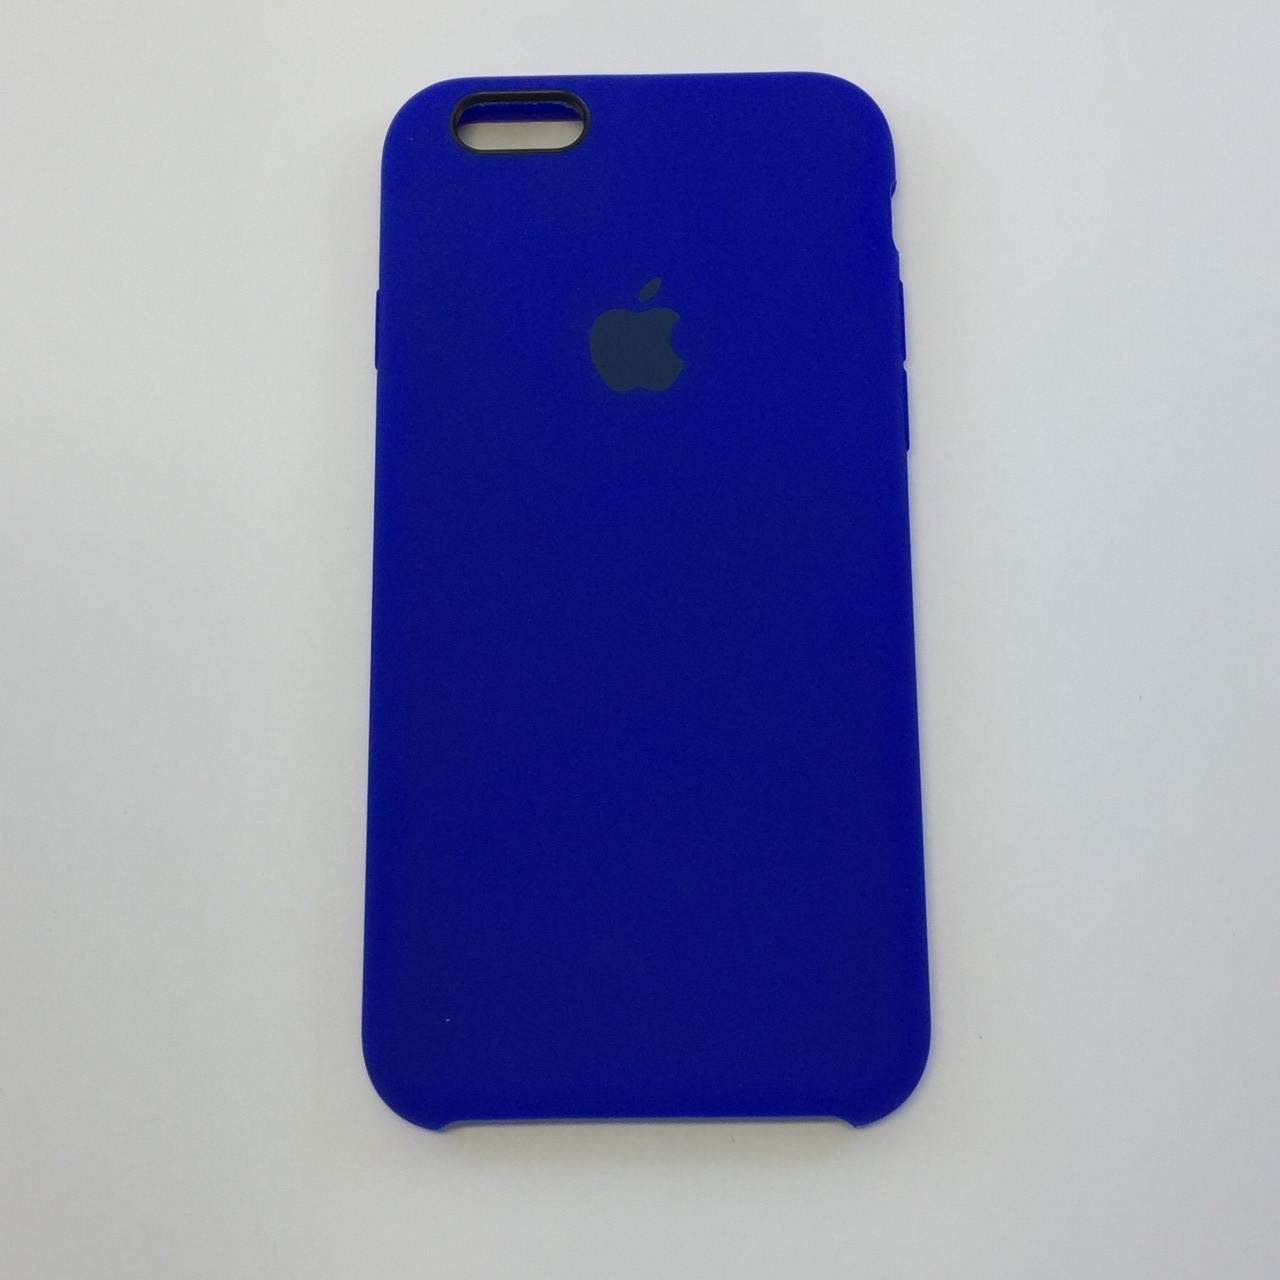 Силиконовый чехол iPhone 6/6s, электрик, copy original